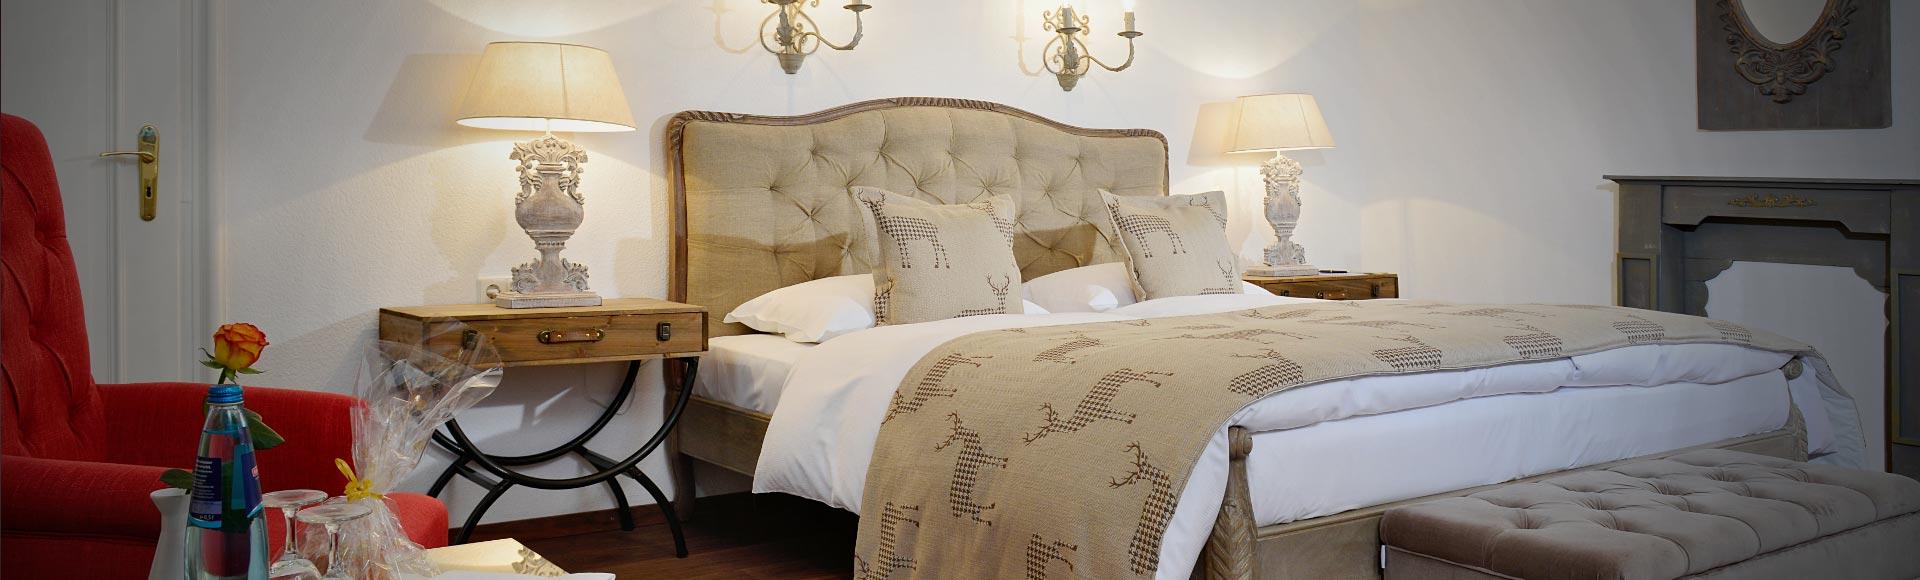 doppelzimmer f r kurzurlaub in 5 sterne hotel im schwarzwald. Black Bedroom Furniture Sets. Home Design Ideas